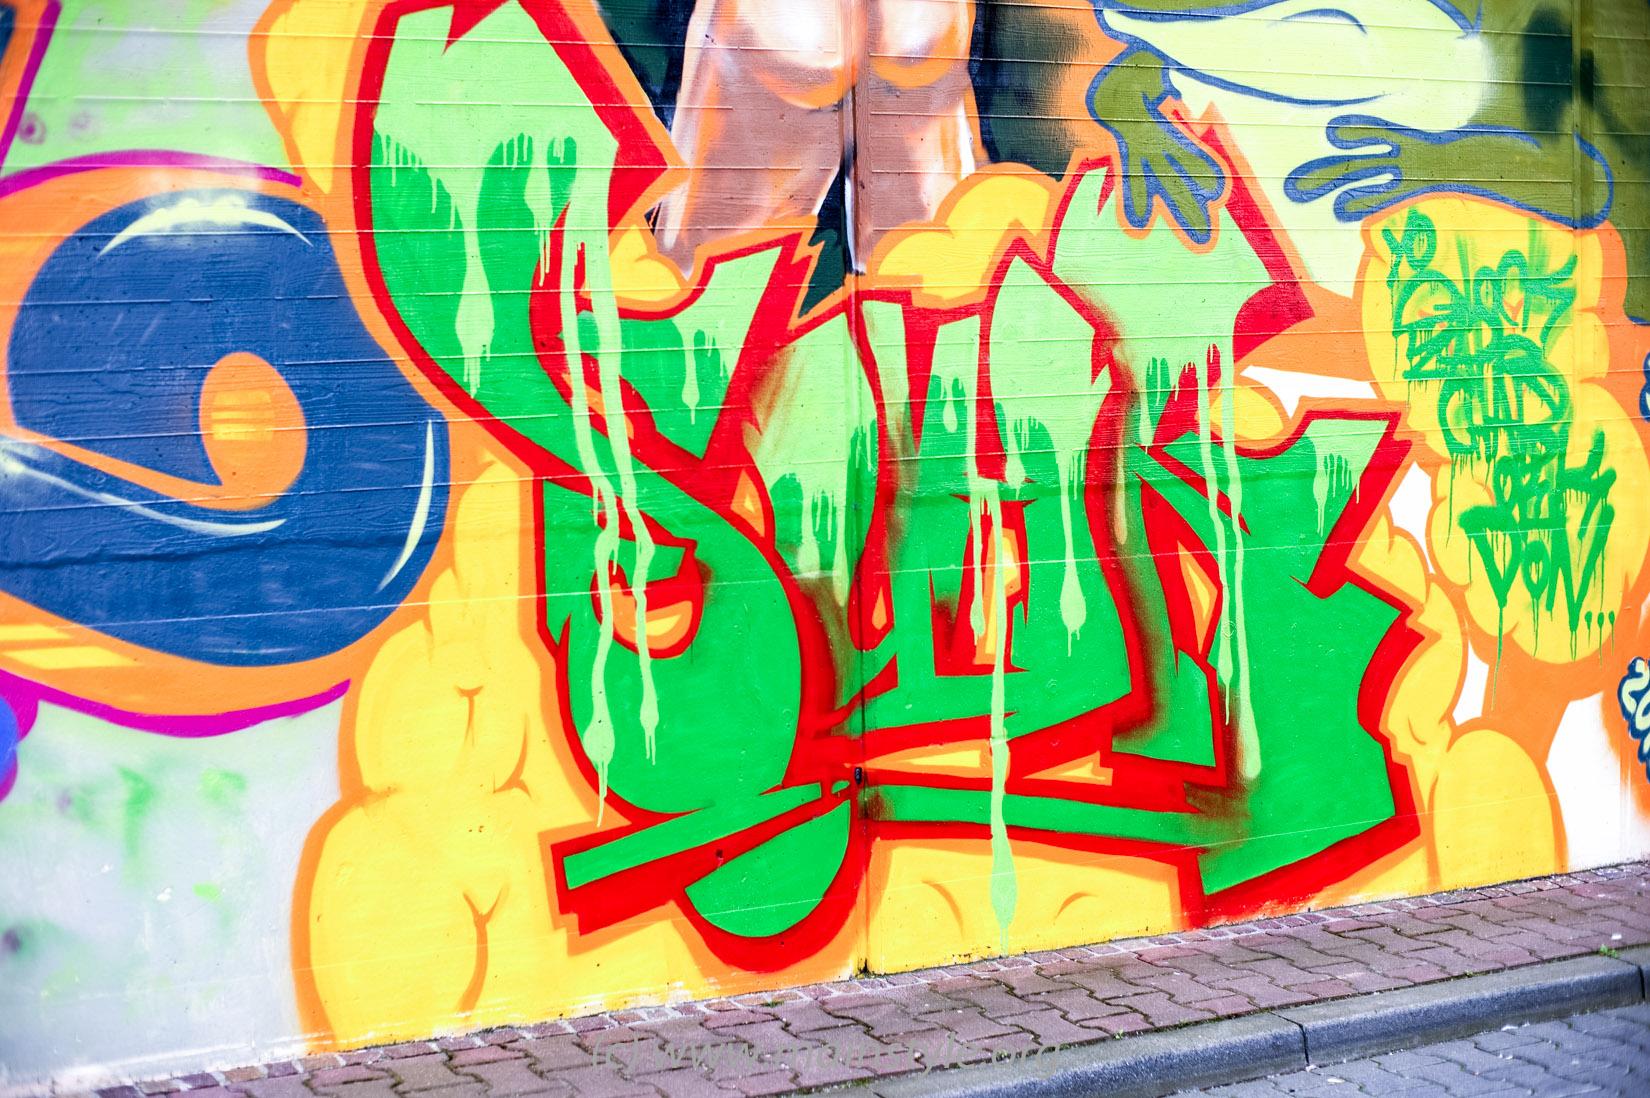 Frankfurt-Höchst_Graffiti_Süwag-Wall_2012 (35 von 35)